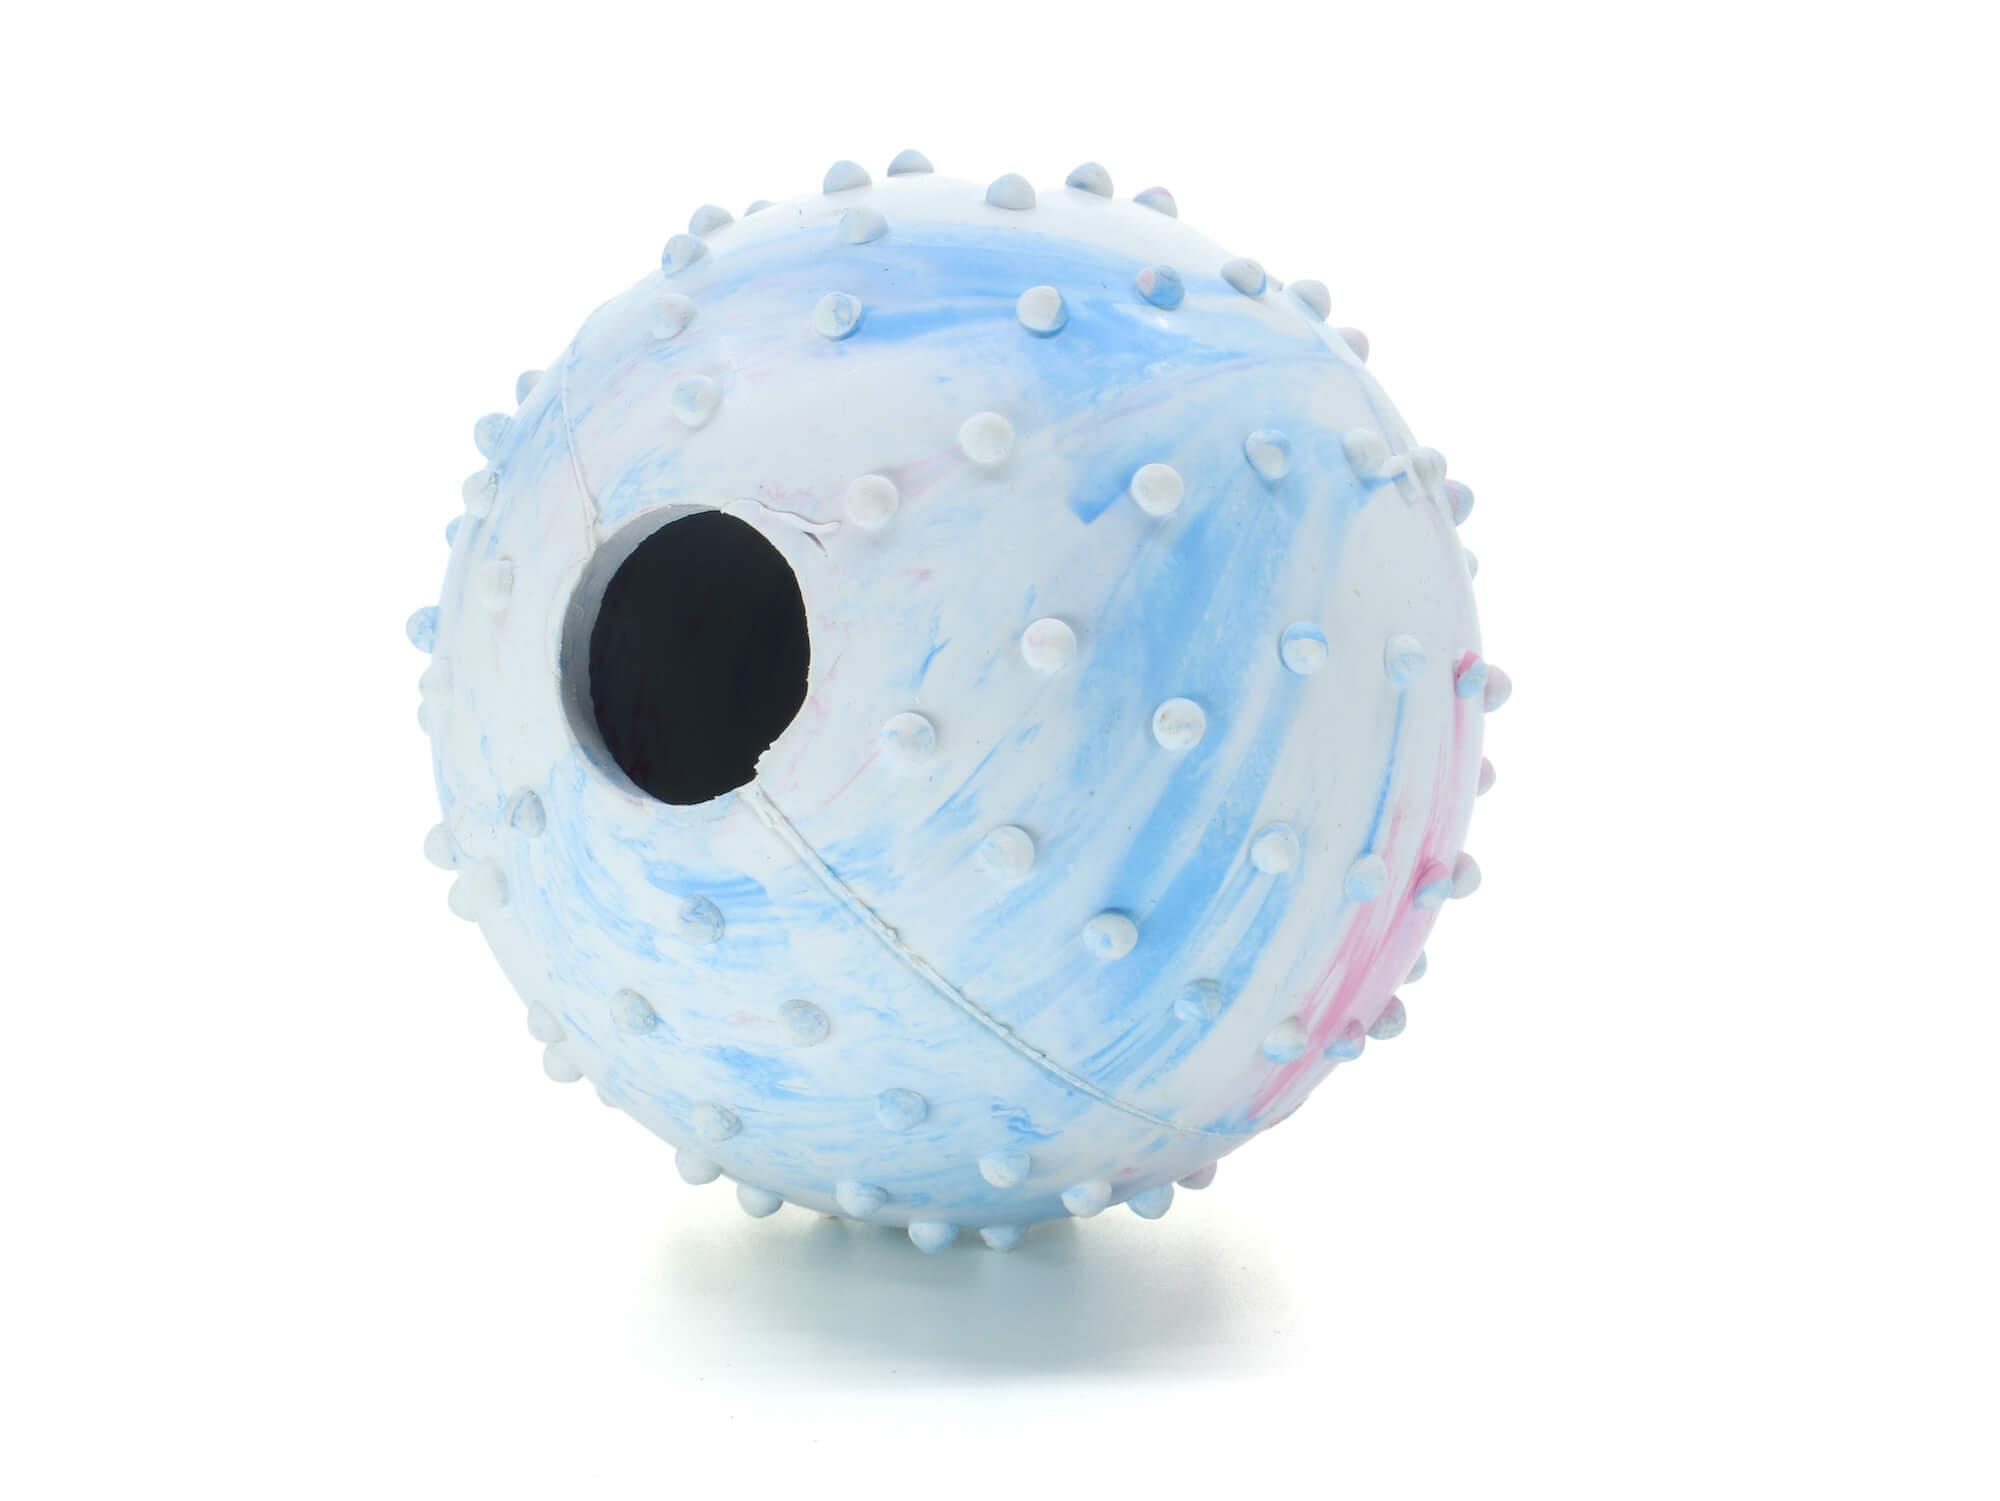 Vsepropejska Nuk gumový míček na pamlsky pro psa Barva: Bílá, Rozměr: 6 cm